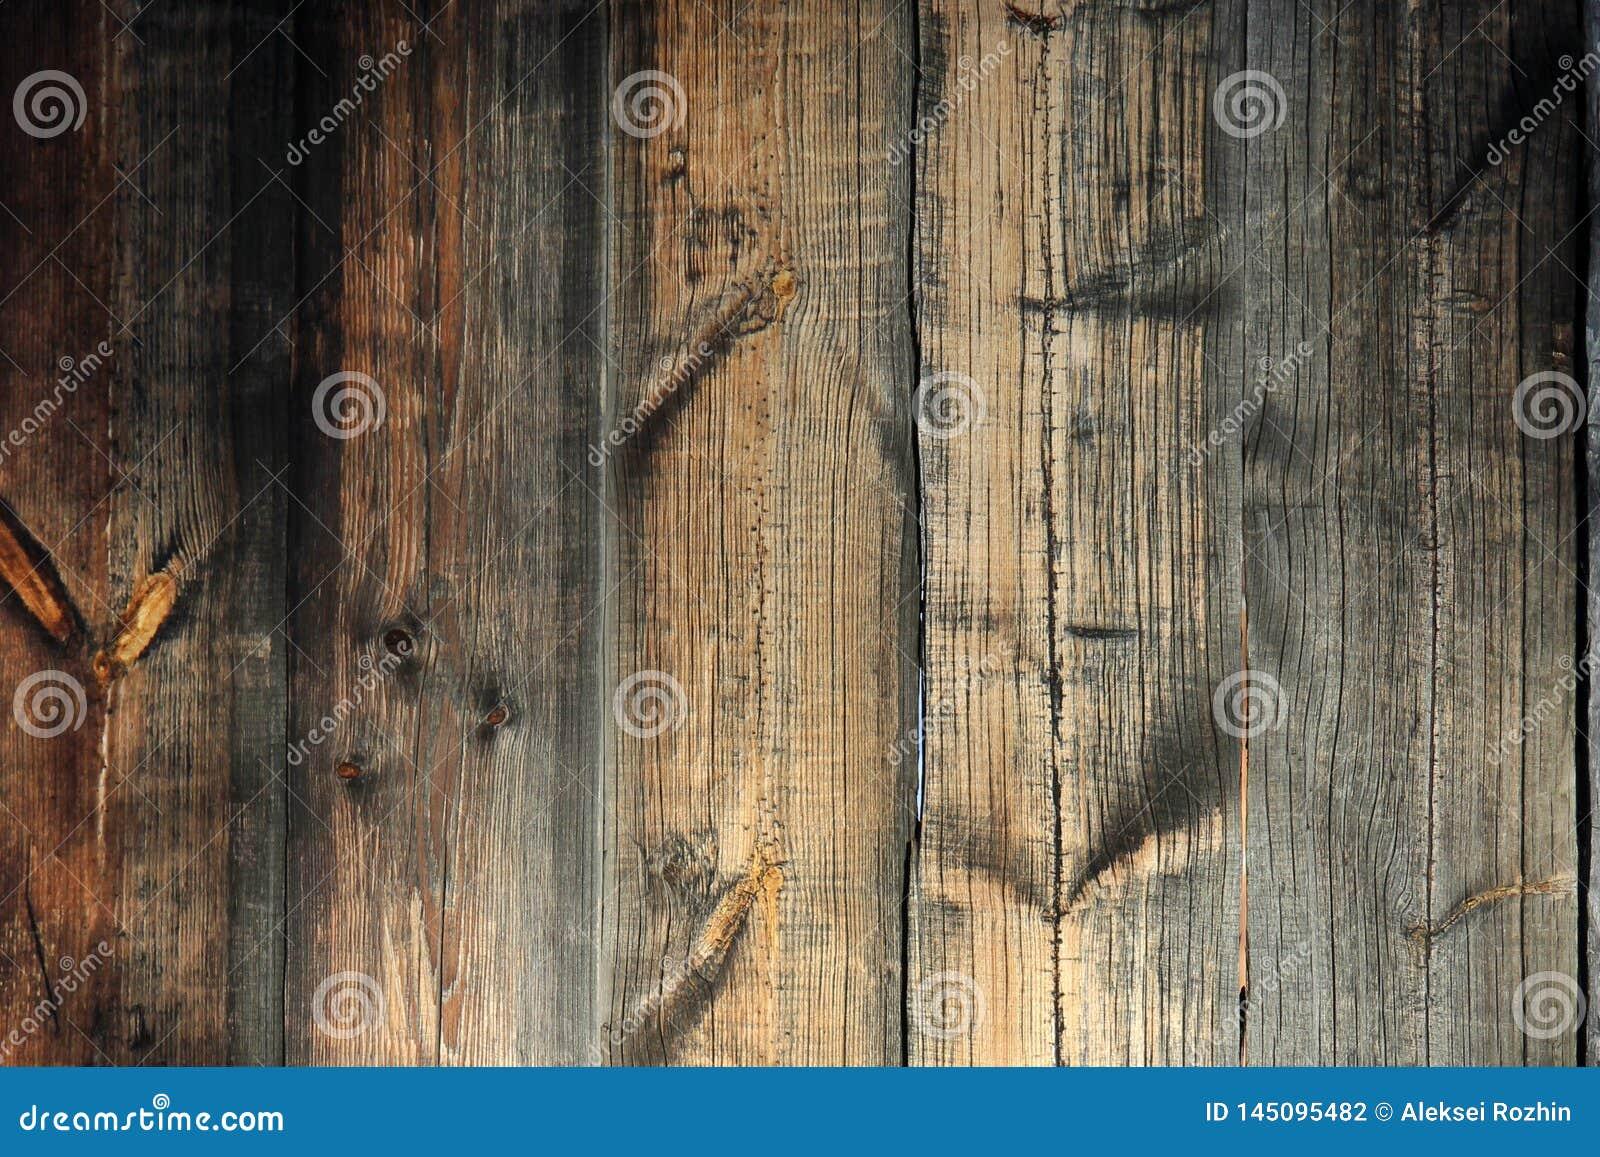 Texture de fond Vieux mur en bois brun